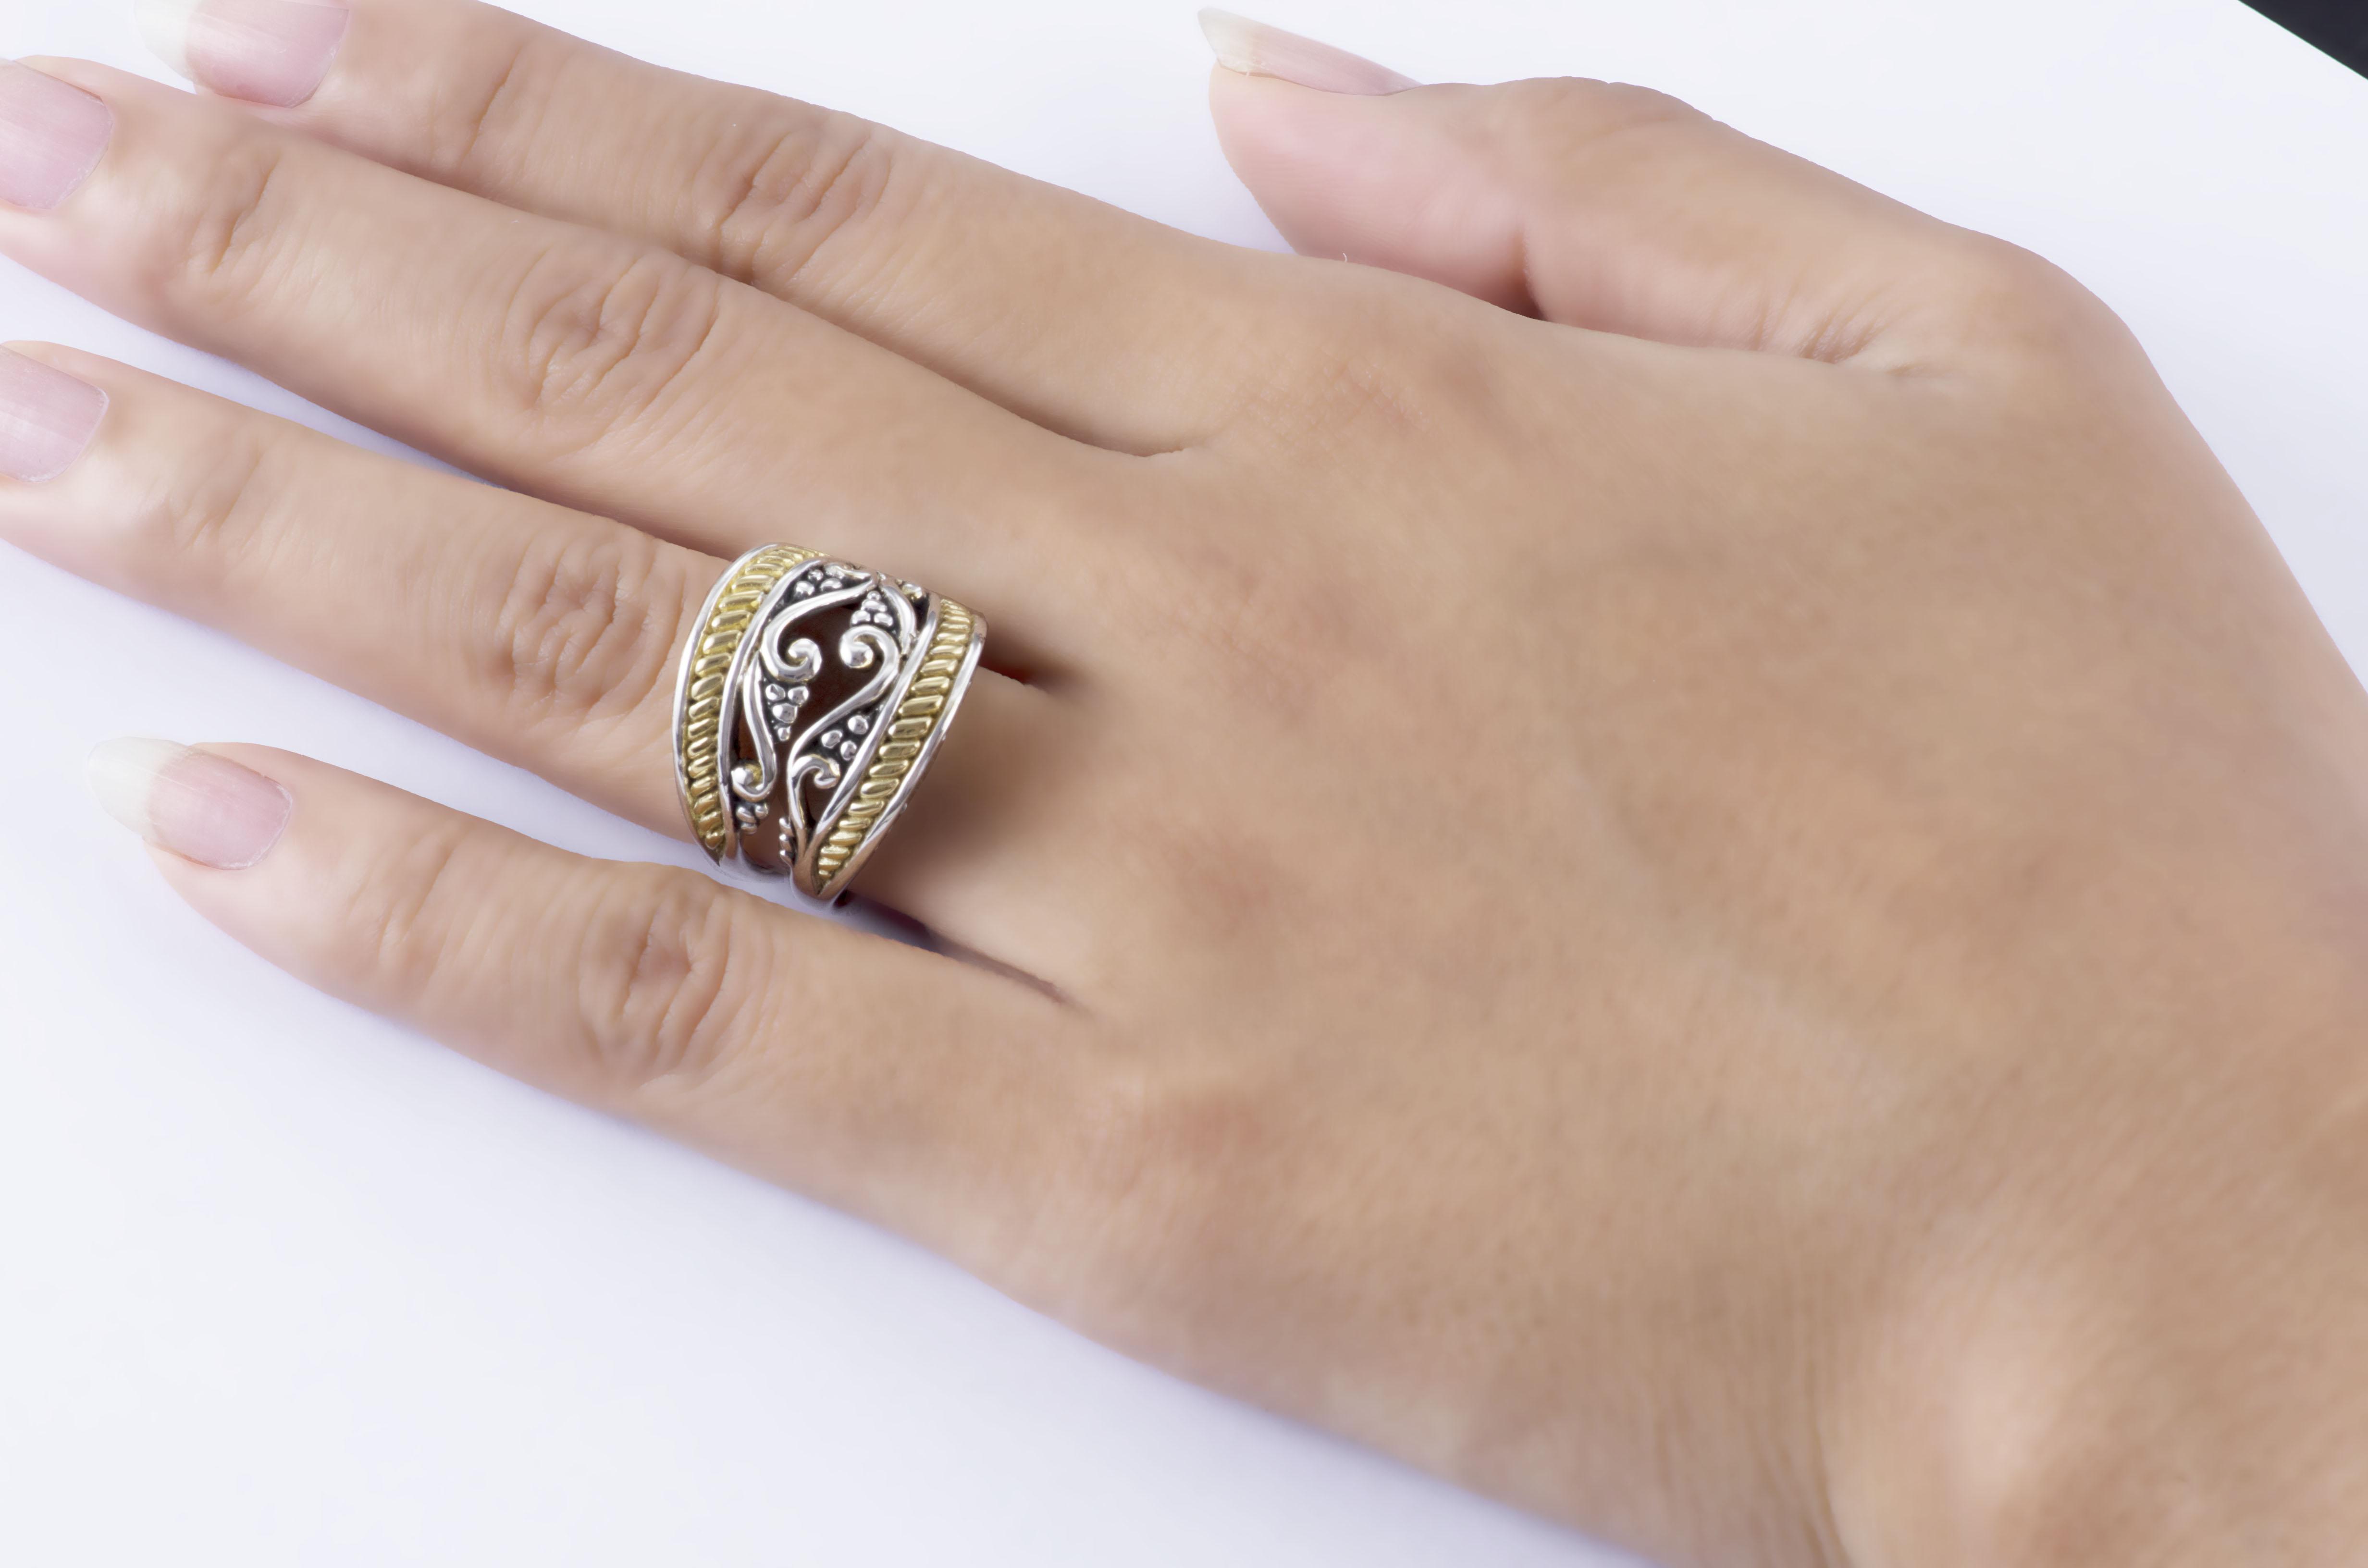 KS328-finger 2